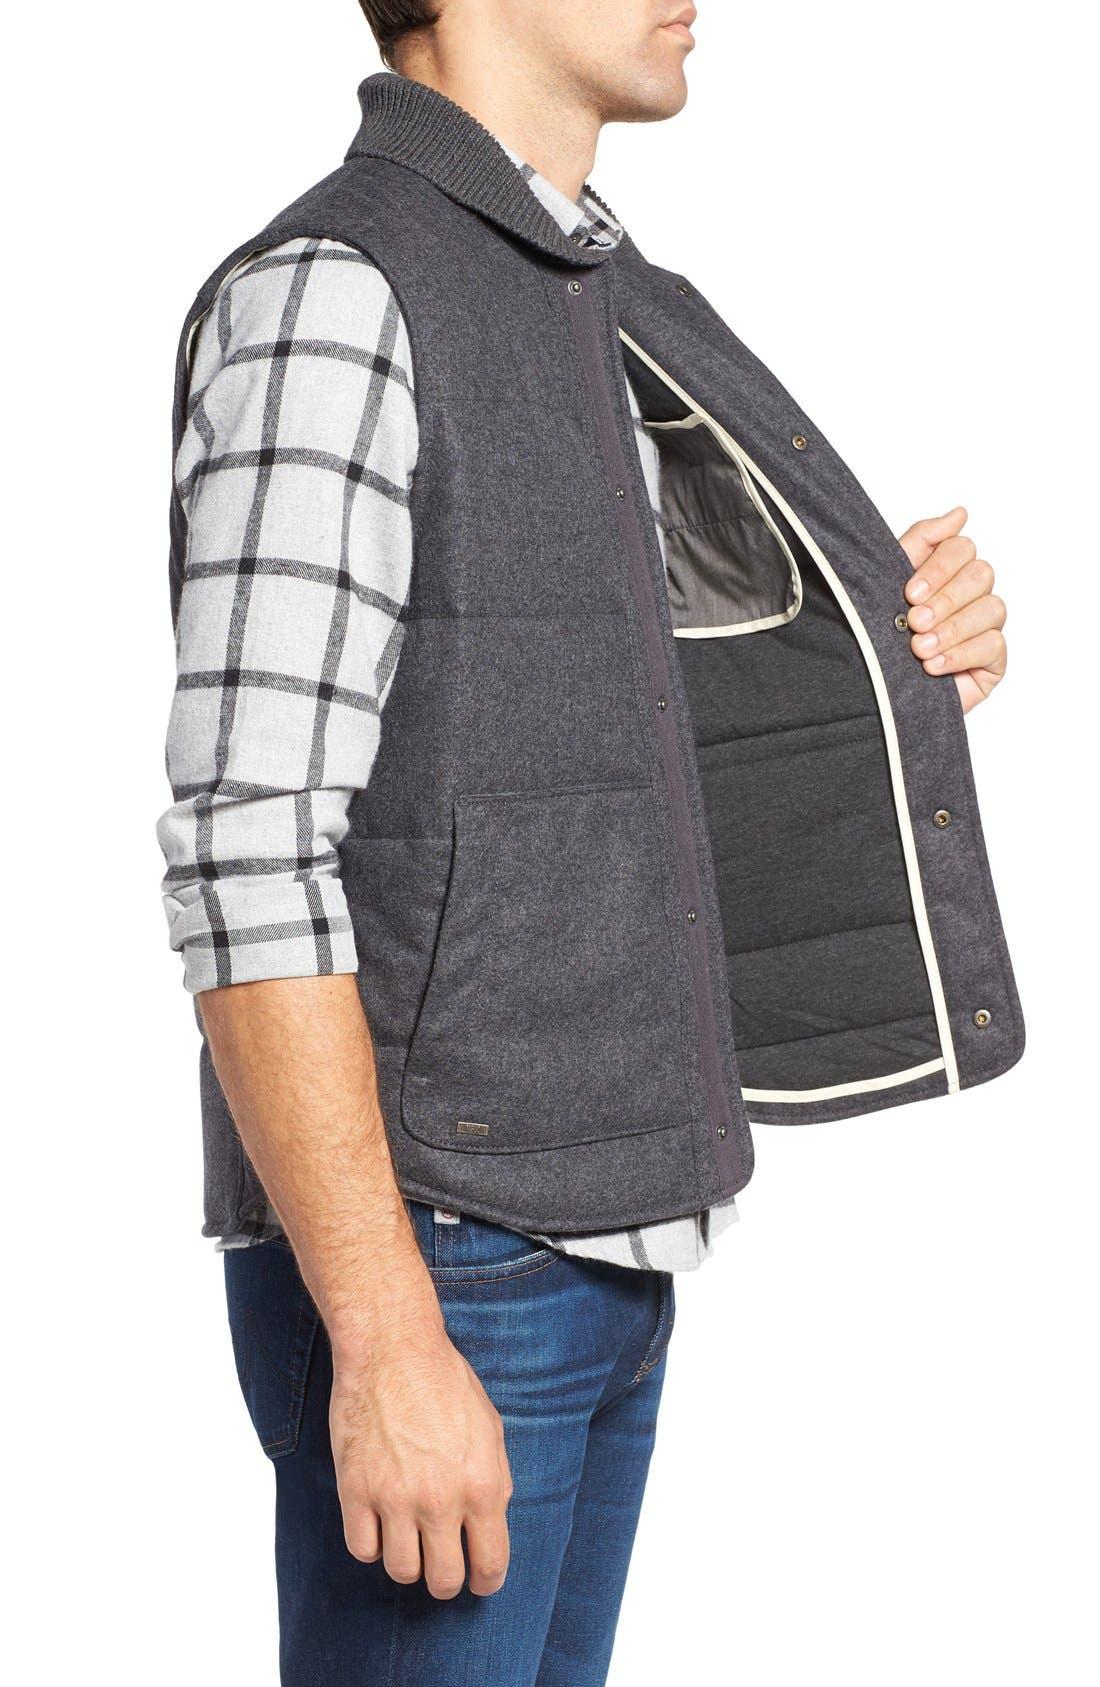 Pritchel Quilted Vest,                             Alternate thumbnail 3, color,                             010